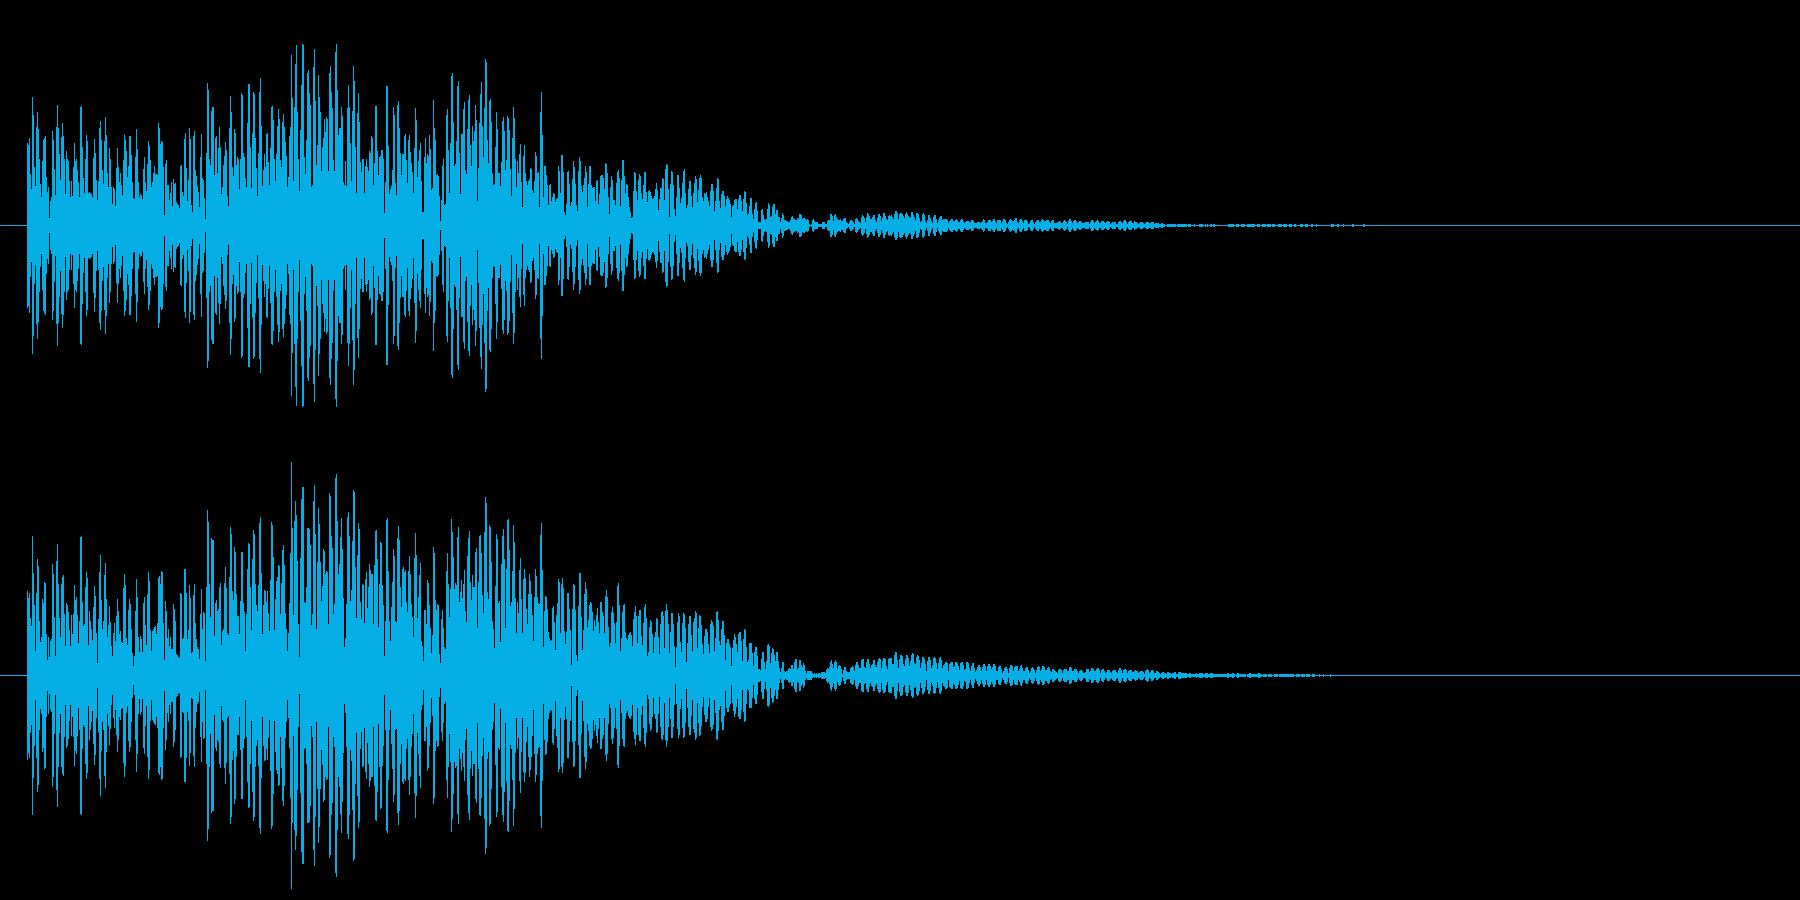 太鼓の連打 和風な転回音 場面転換の再生済みの波形